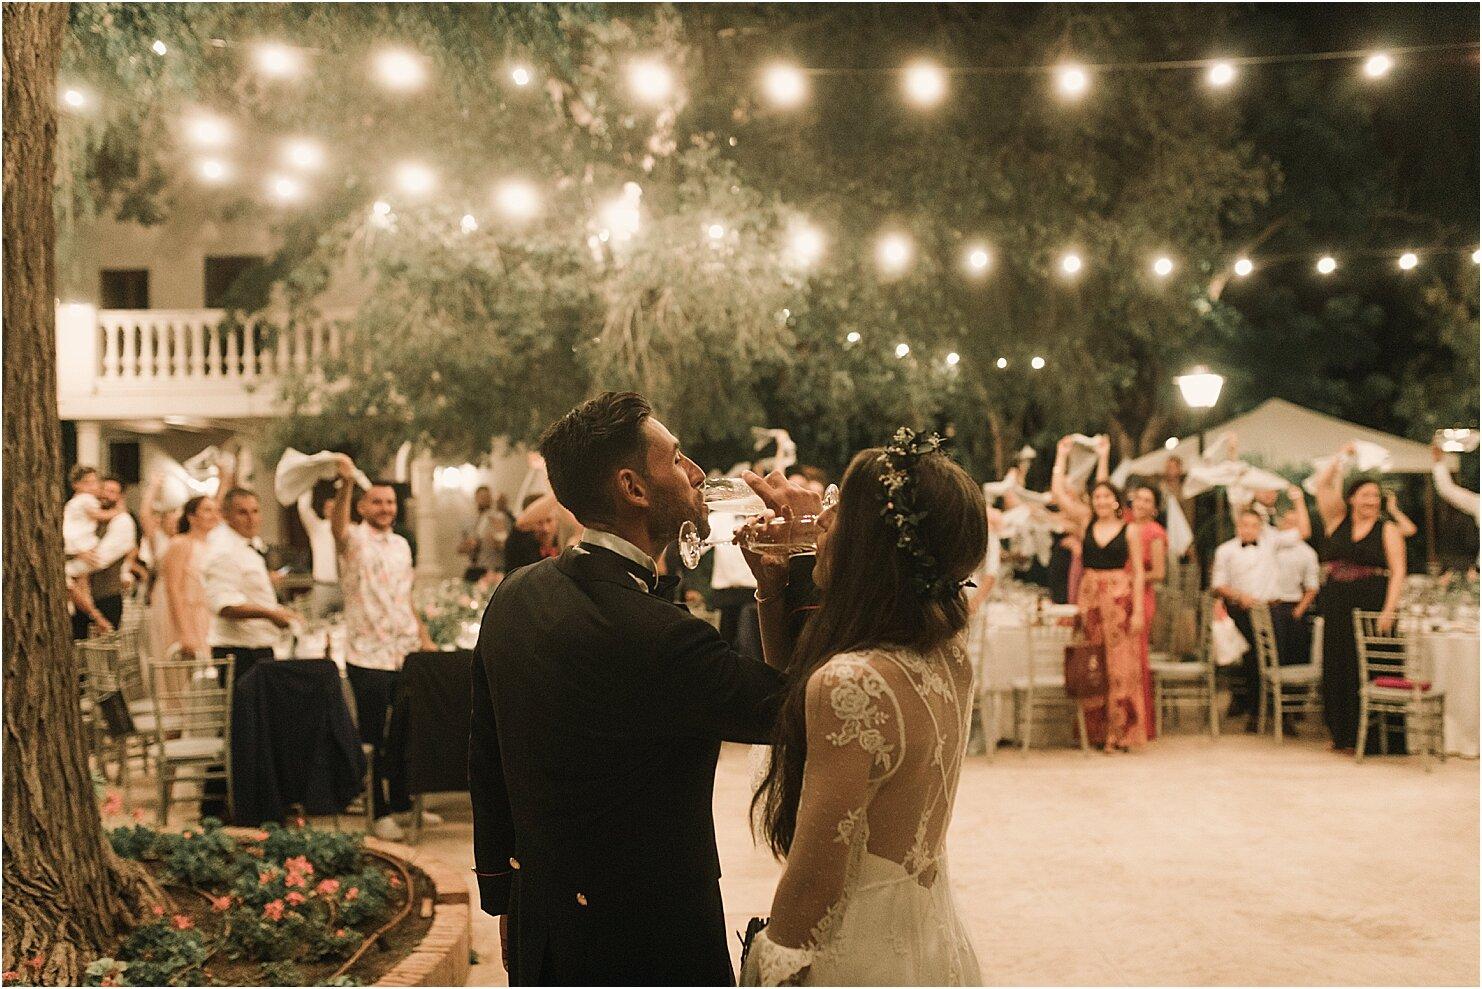 boda-romantica-boda-boho-vestido-de-novia-laura-lomas74.jpg